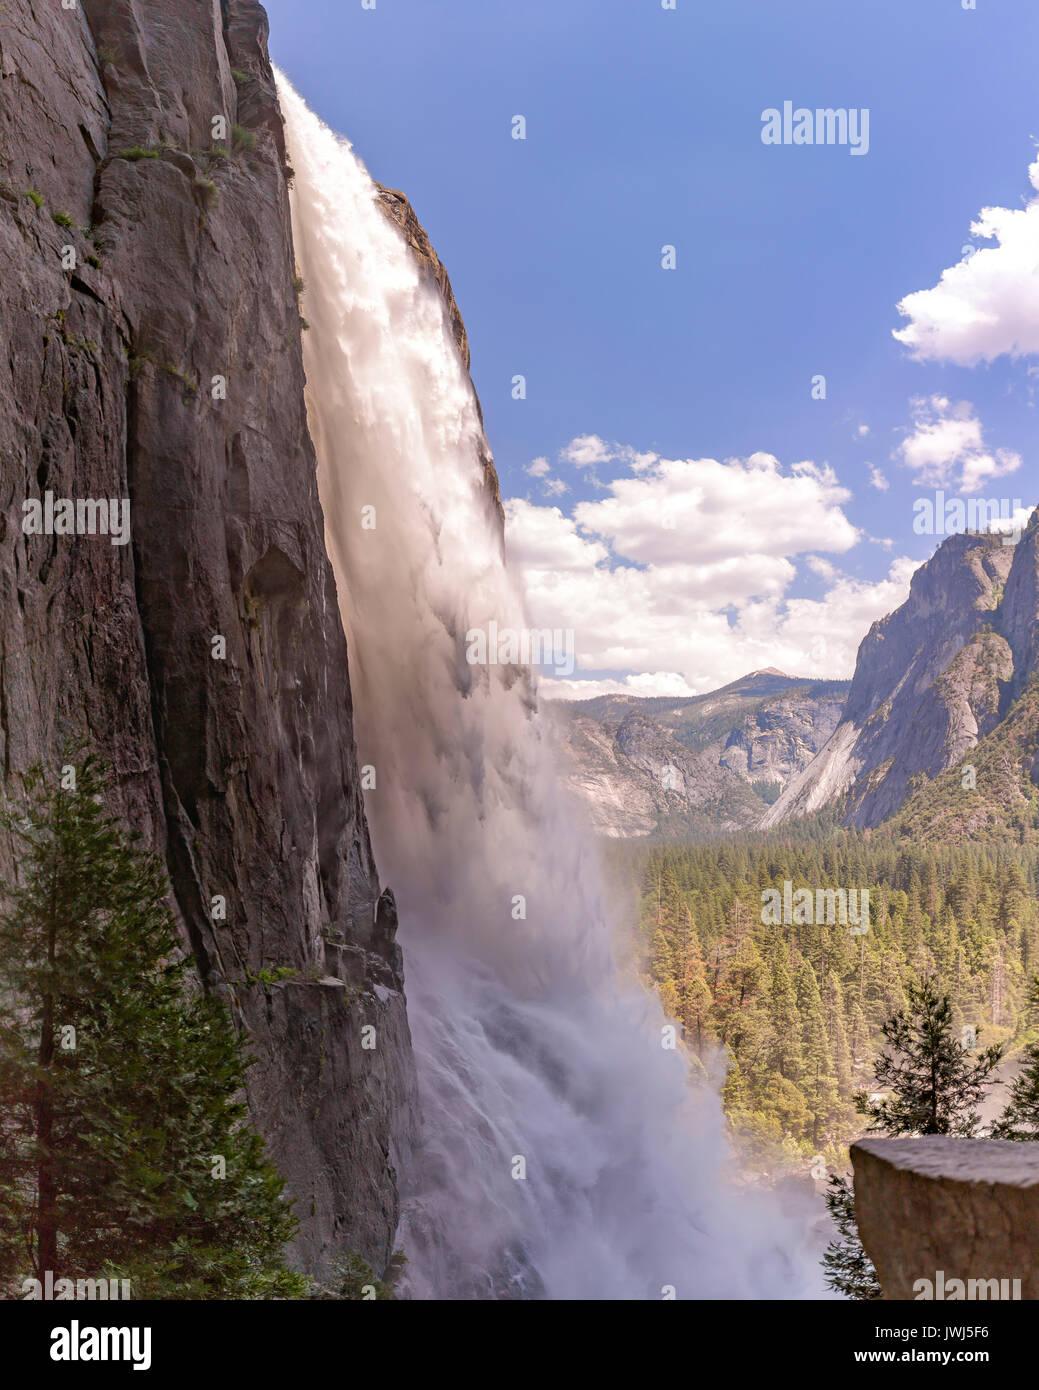 Yosemite Falls fino vicino e tiro da un unico angolo in una zona umida. Le cascate Inferiori a Yosemite con una vista della valle in background Immagini Stock